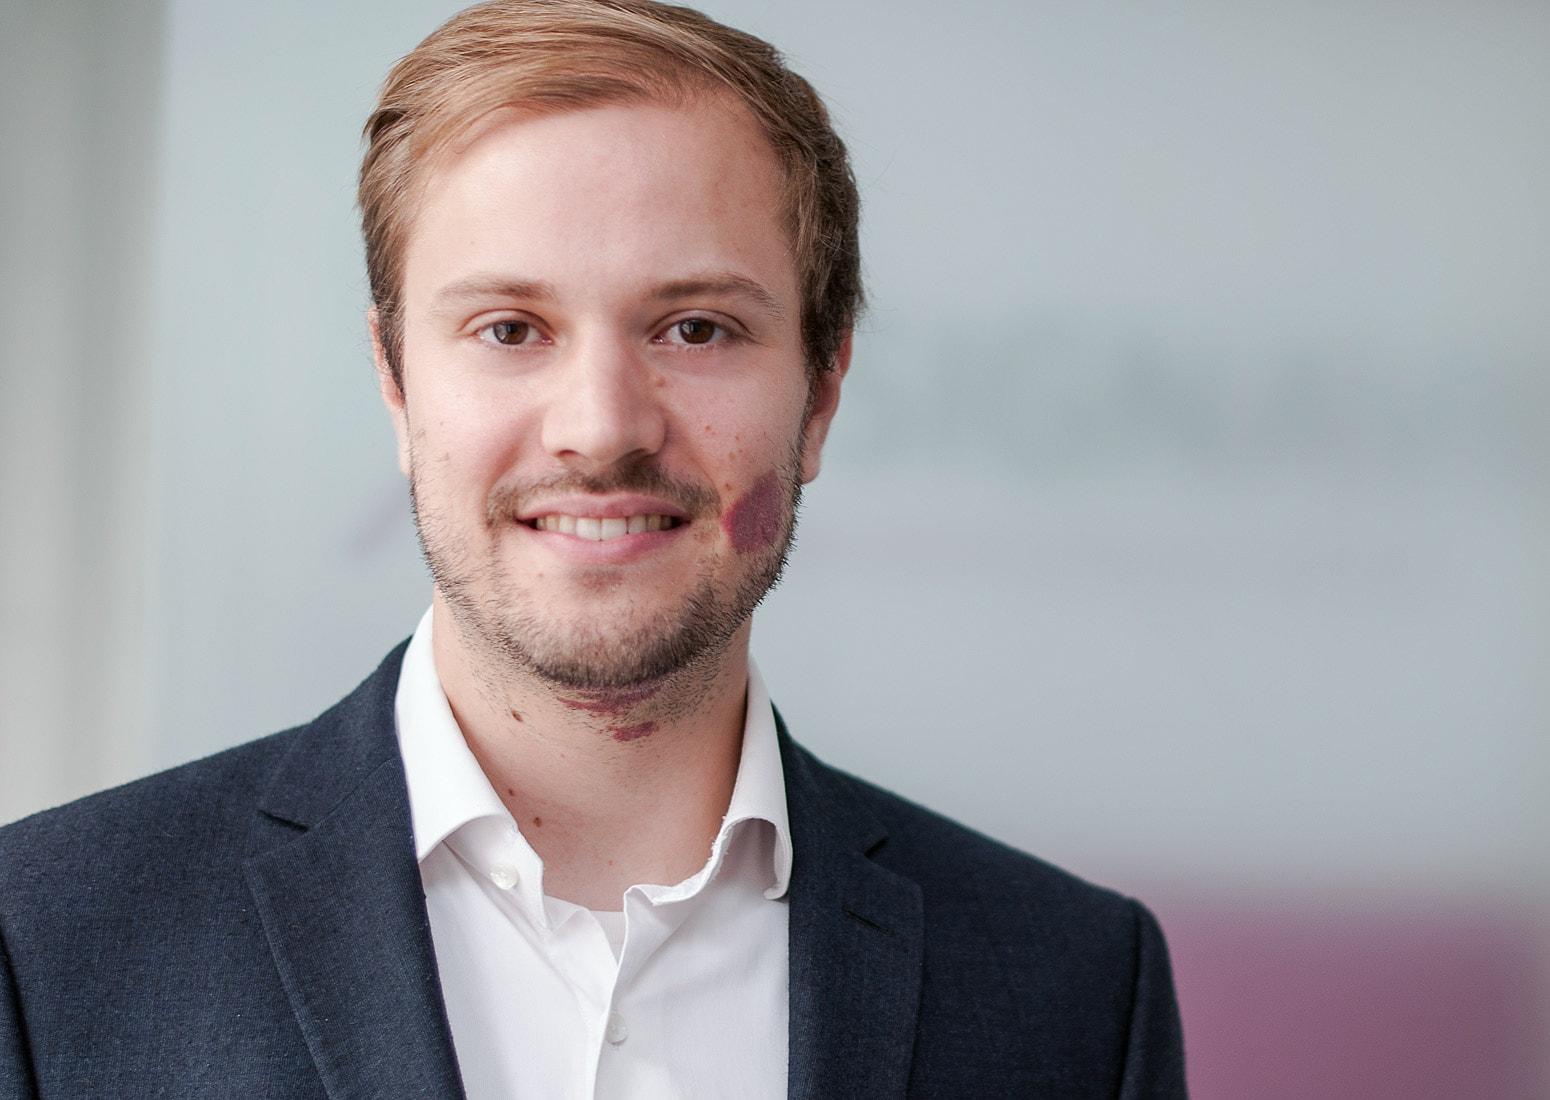 Portrait image of Dr. Gero Decker